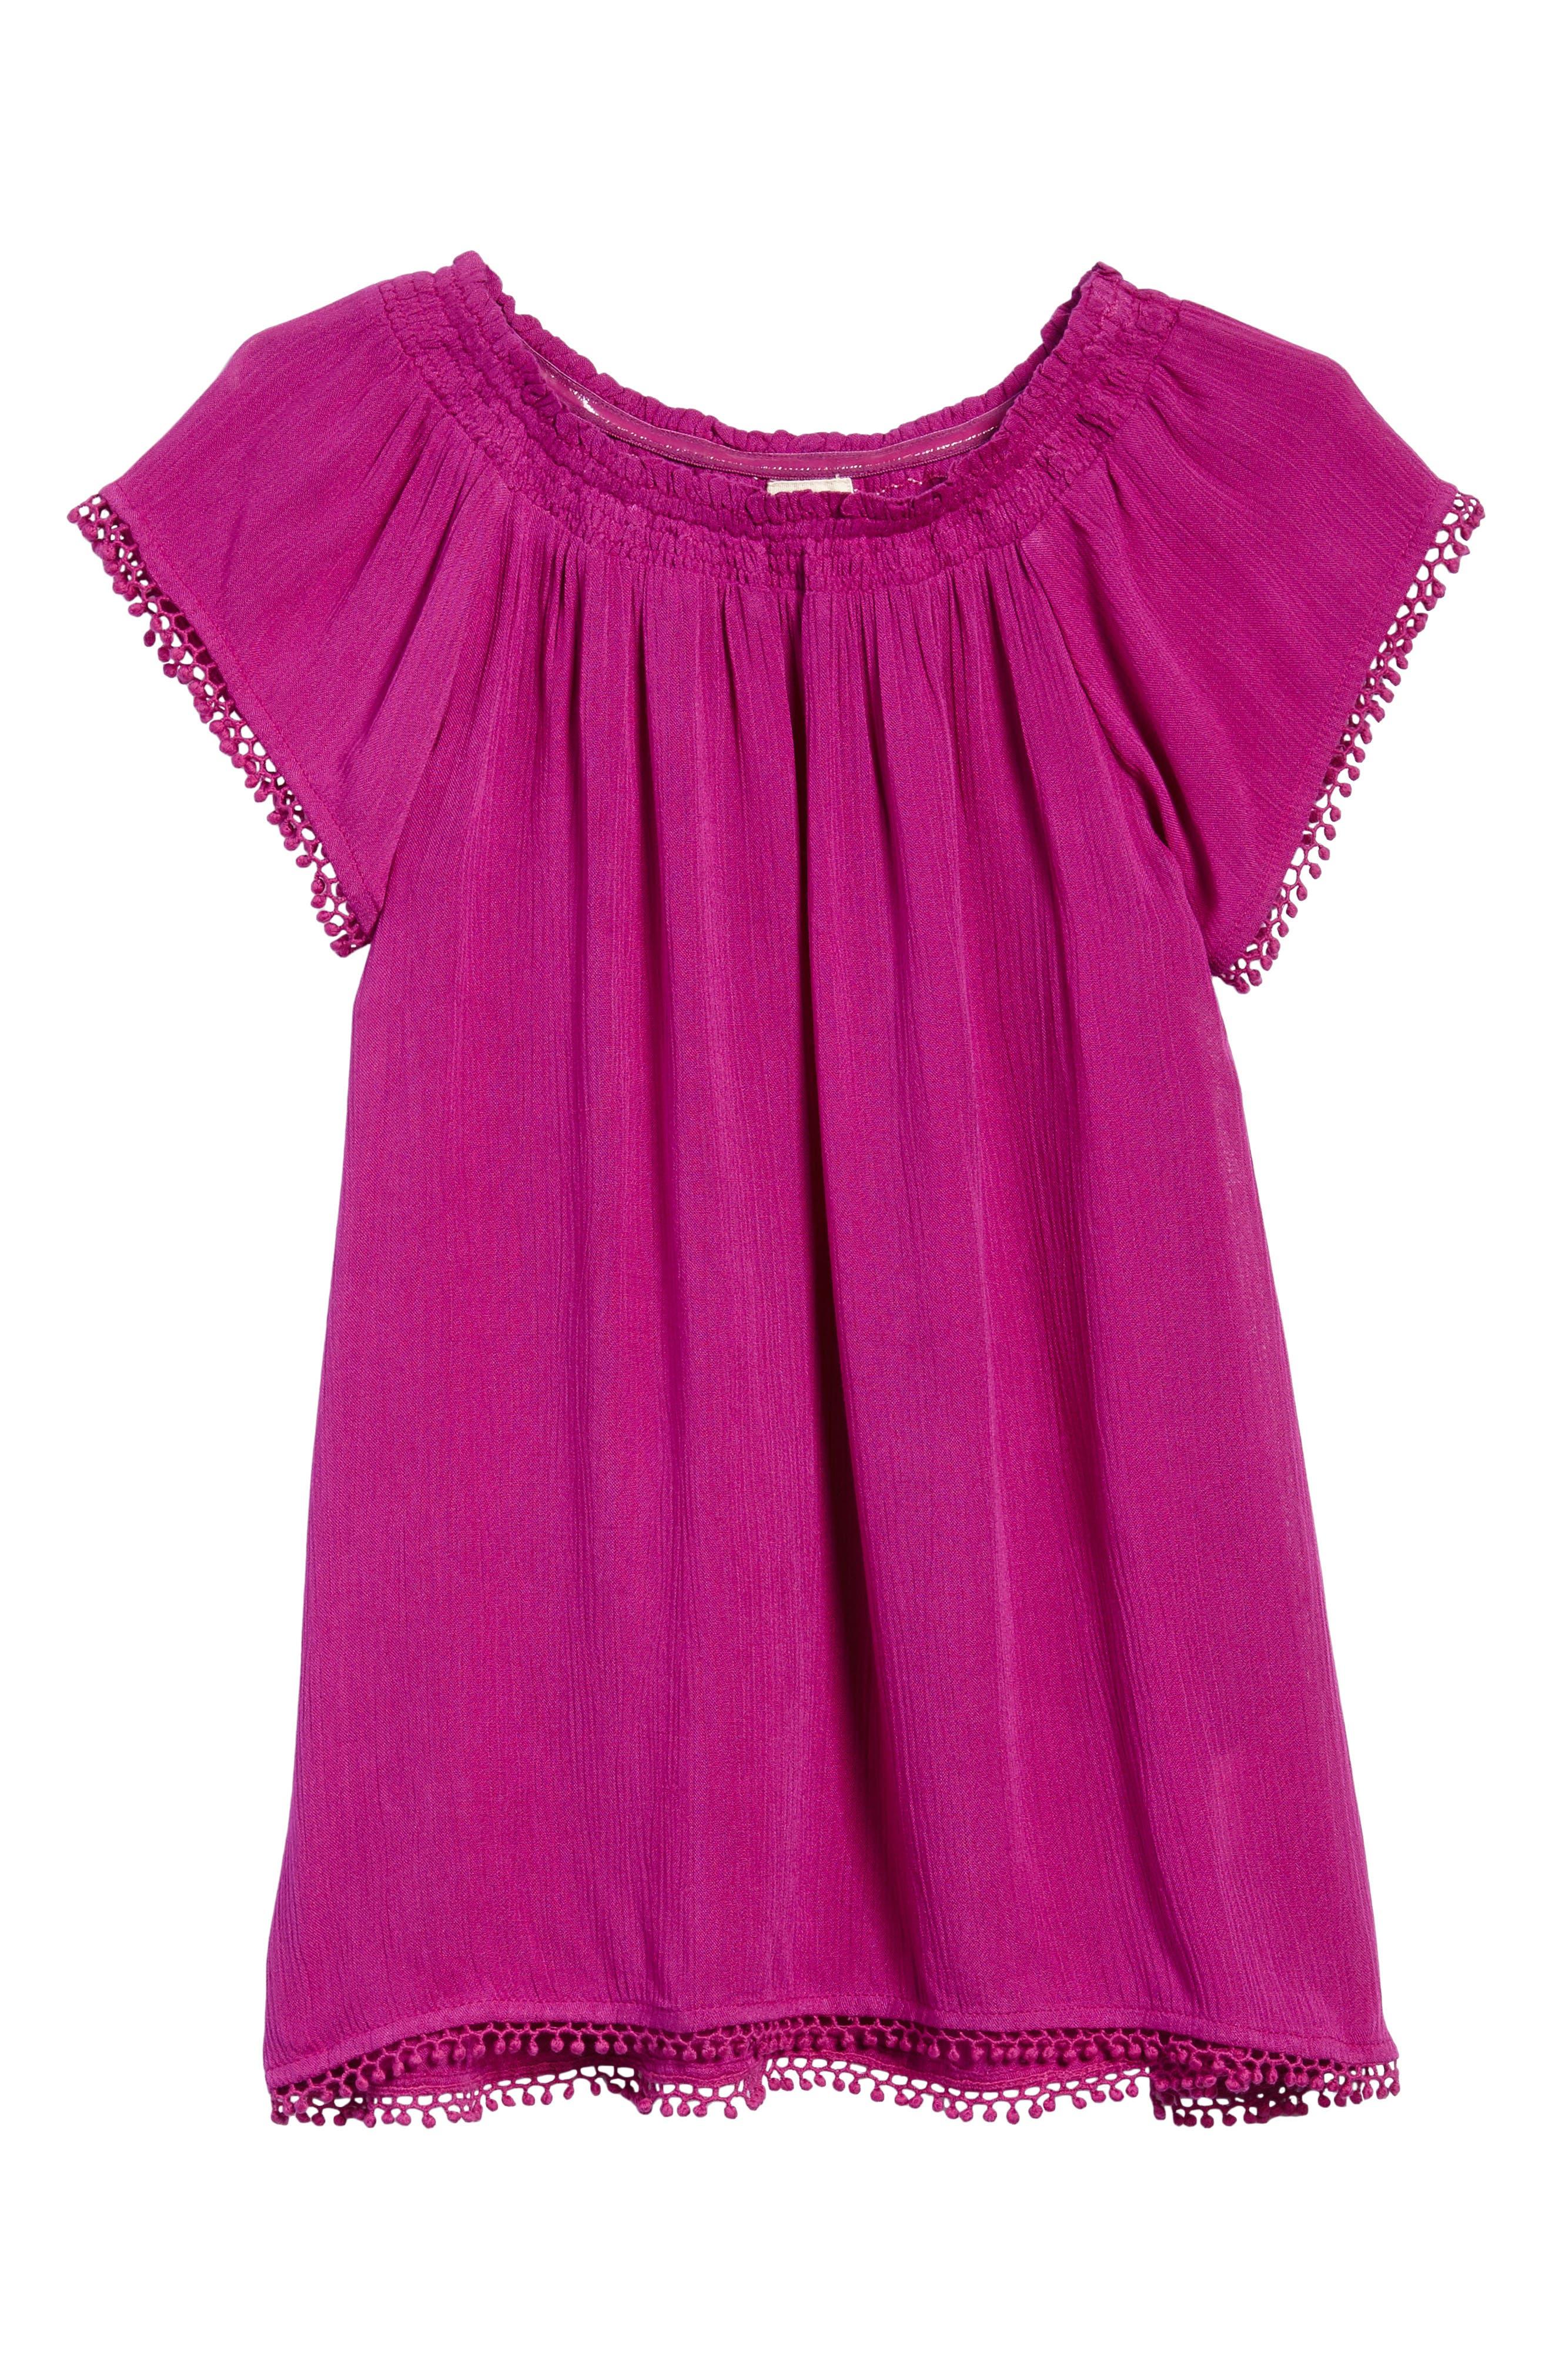 O'Neill Avery Woven Dress (Toddler Girls & Little Girls)